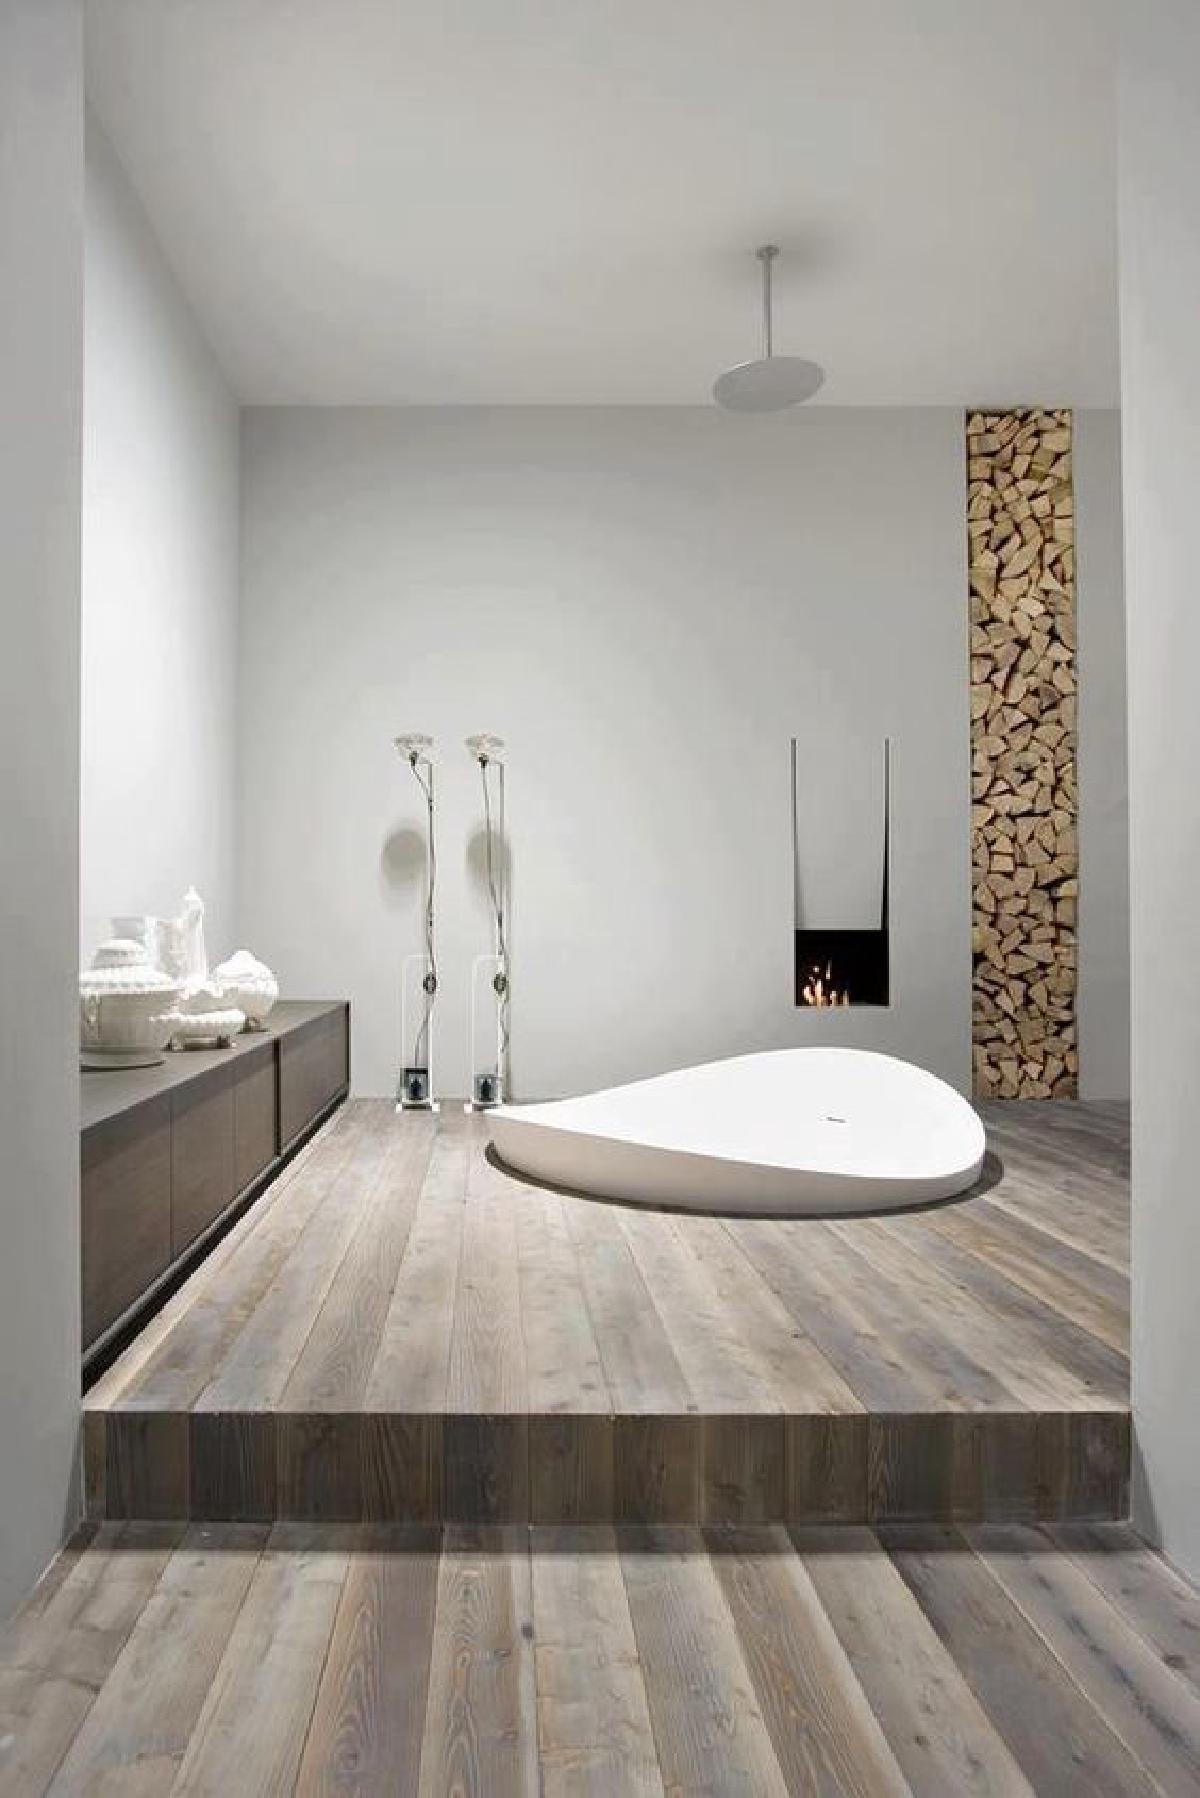 ไอเดียแต่งห้องน้ำคอนโด อ่างอาบน้ำ พื้นที่เล็กๆ